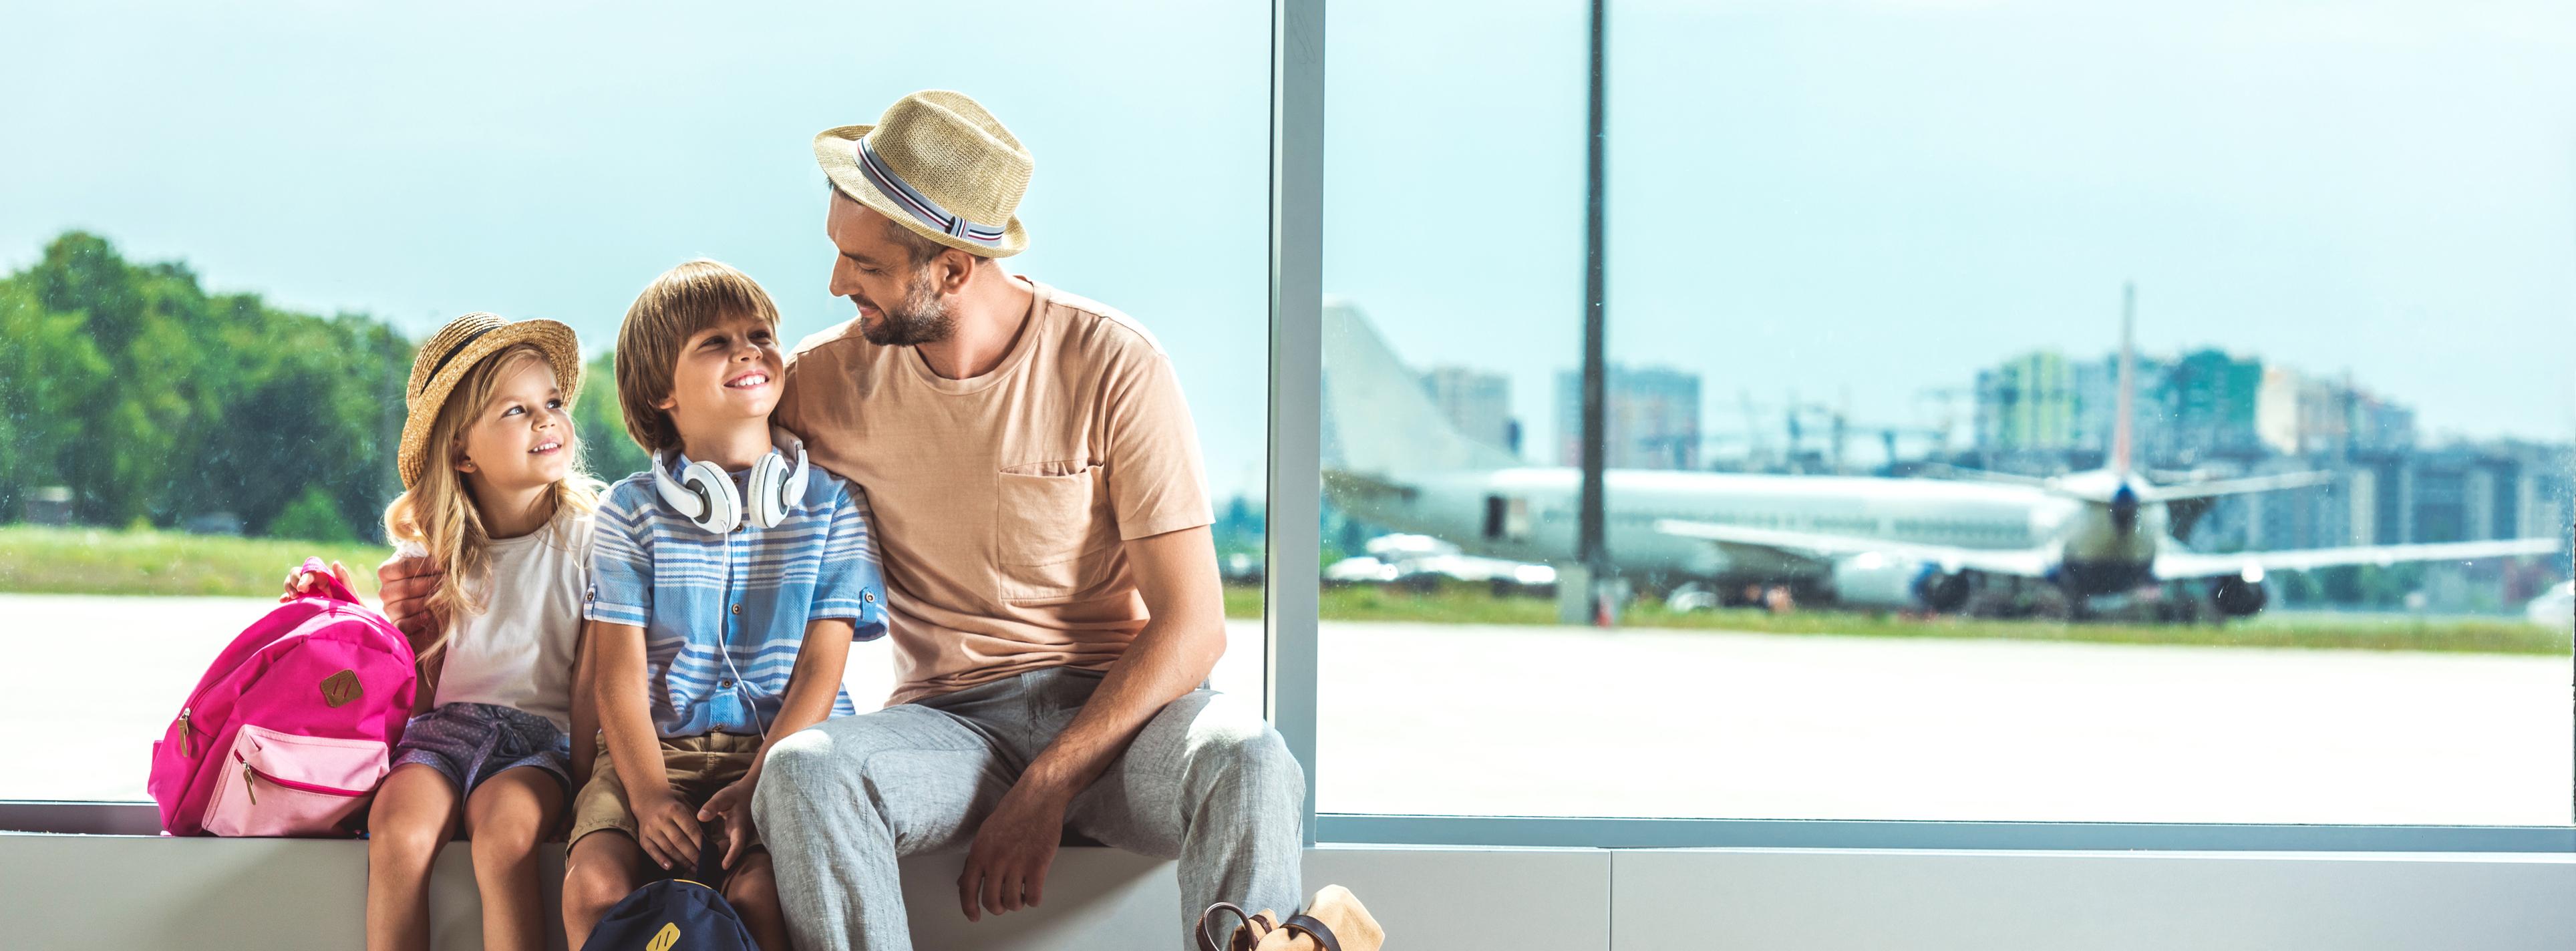 Vater wartet mit Kindern auf Flug